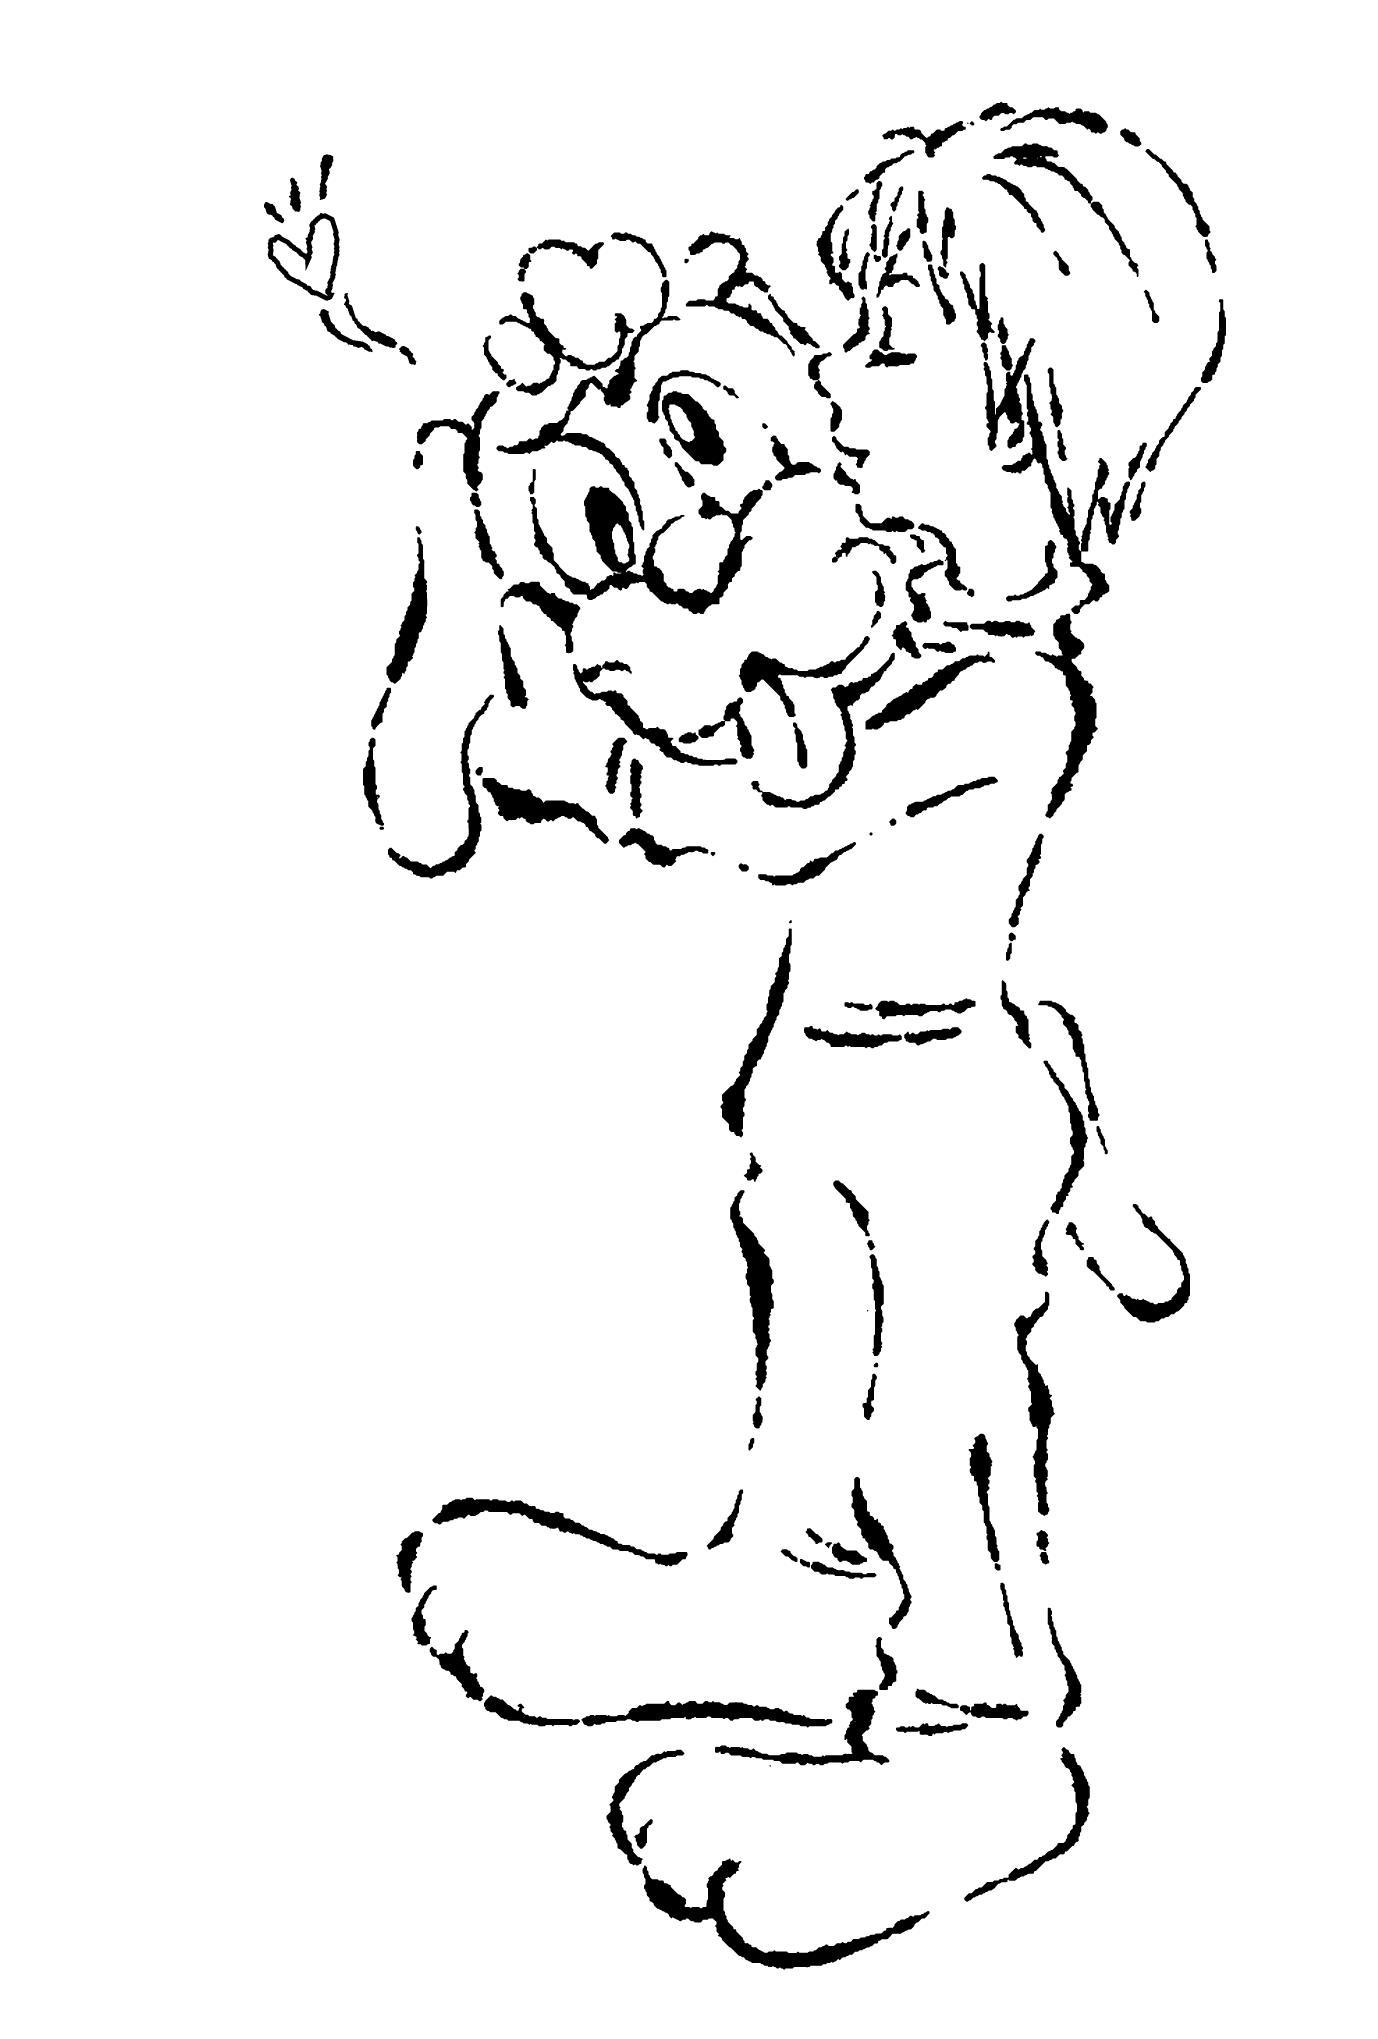 2018年賀状07-3:I love it / line drawingのダウンロード画像